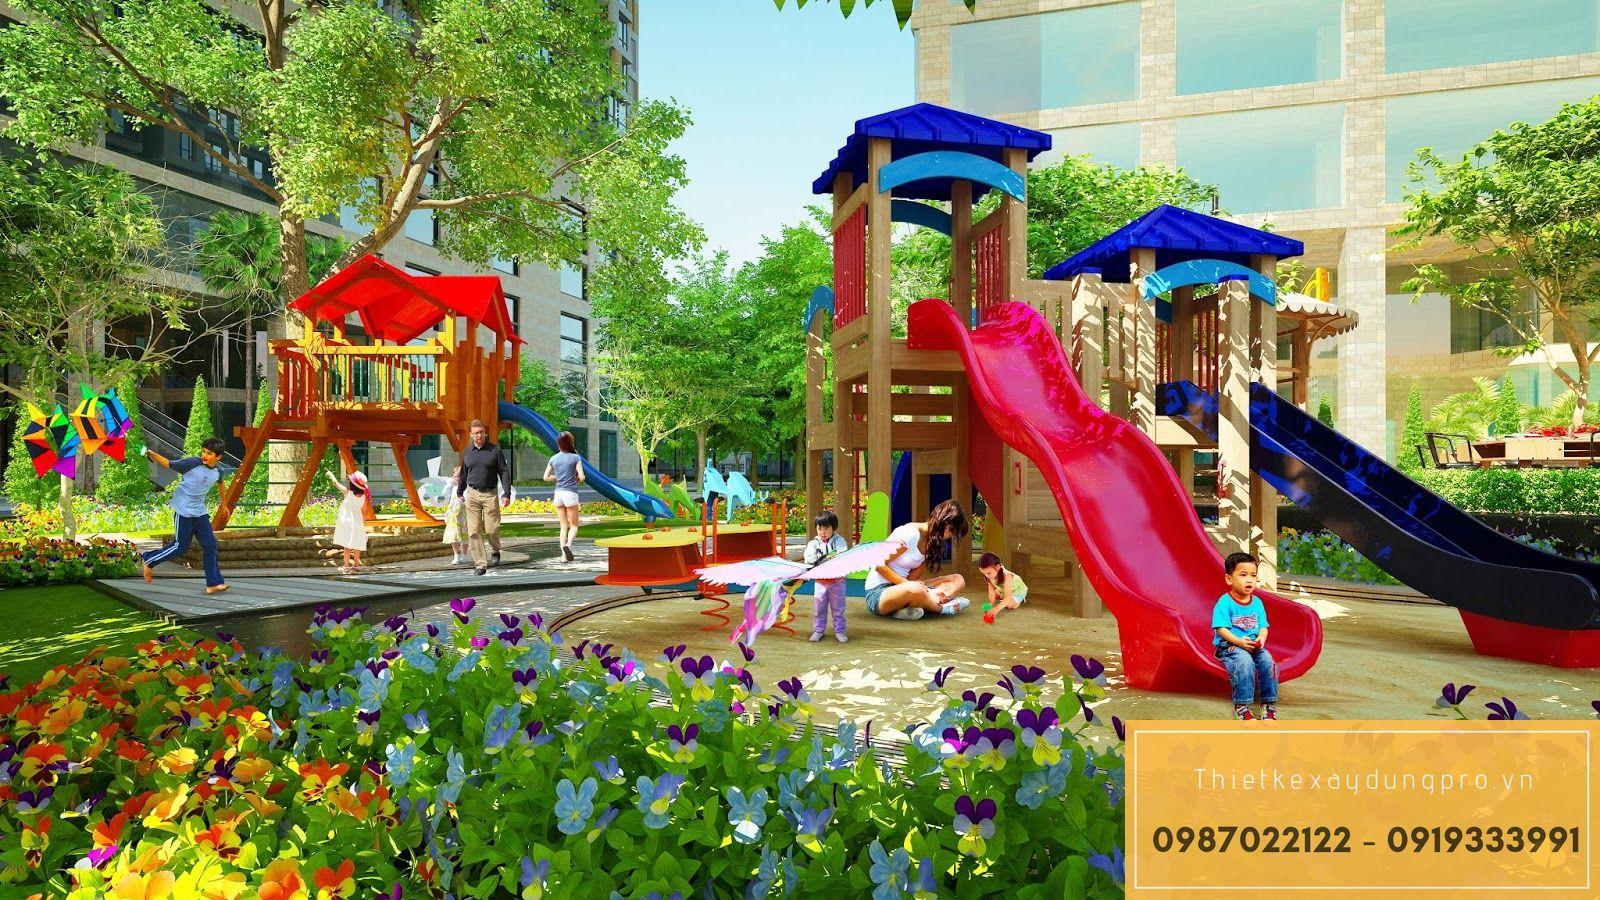 Thiết kế khu vui chơi trẻ em tại Hưng Yên